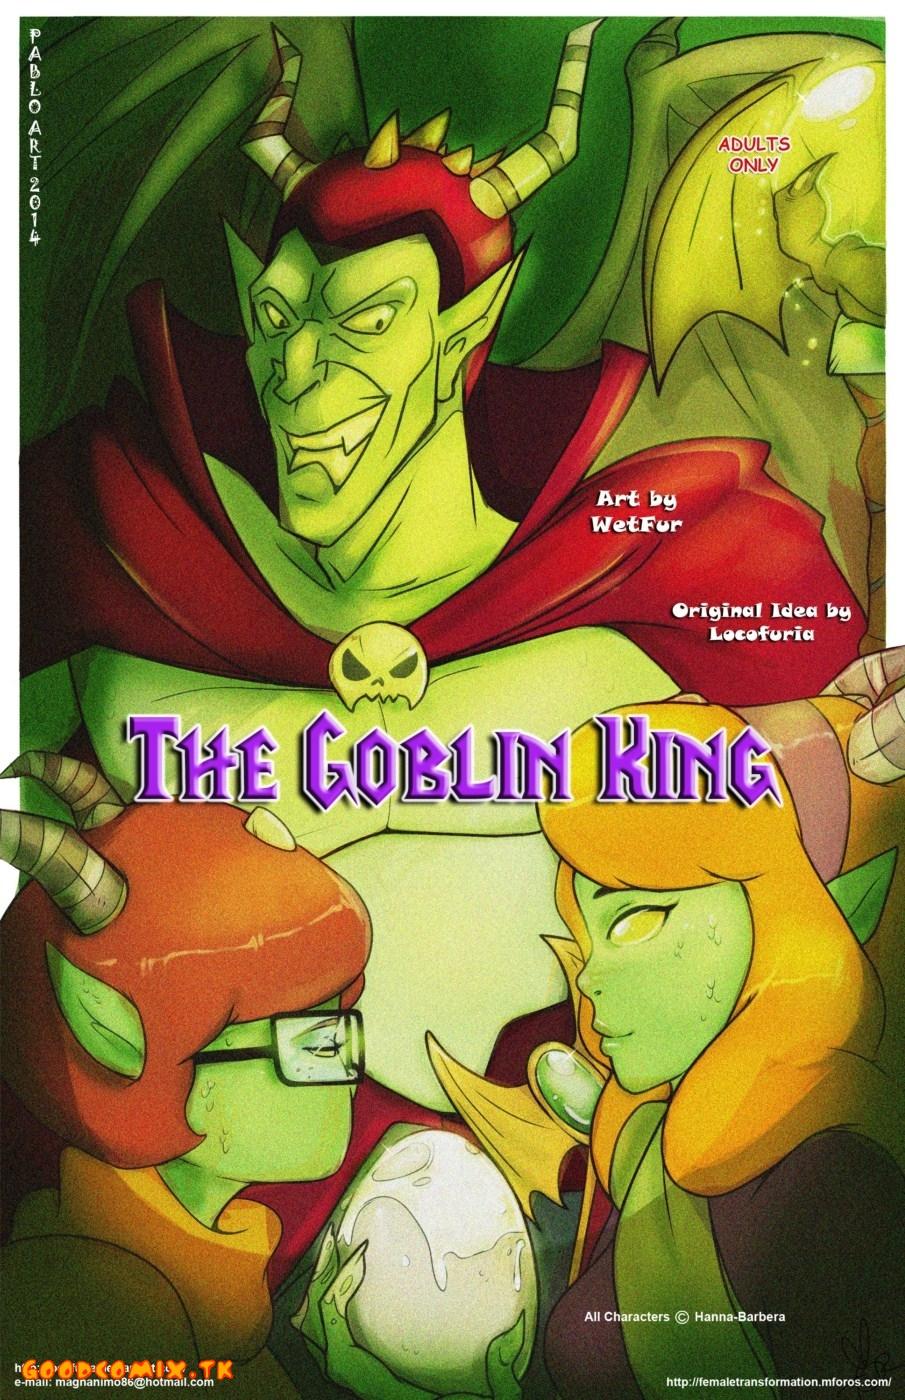 Goodcomix Scooby Doo - [Locofuria] - The Goblin King xxx porno